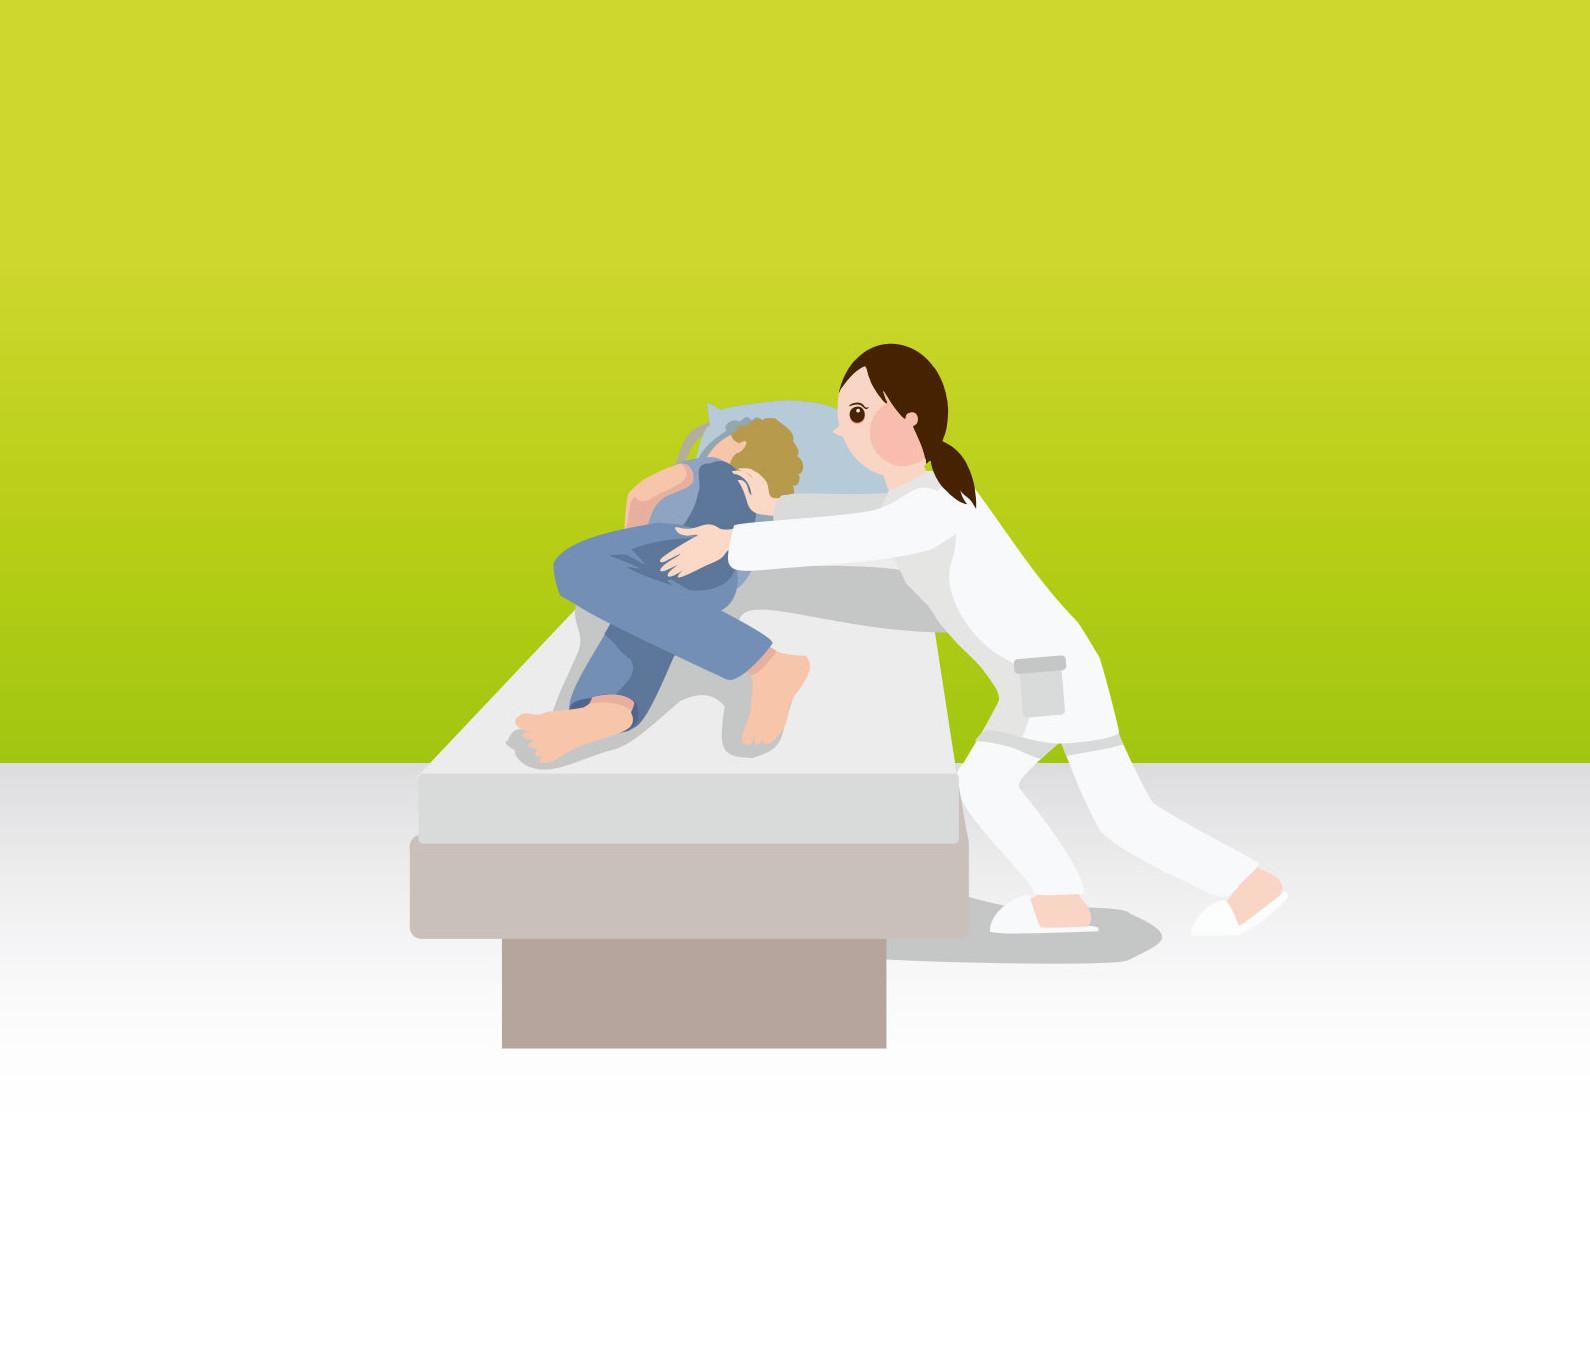 Drehung des Bewohners vom Pfleger weg